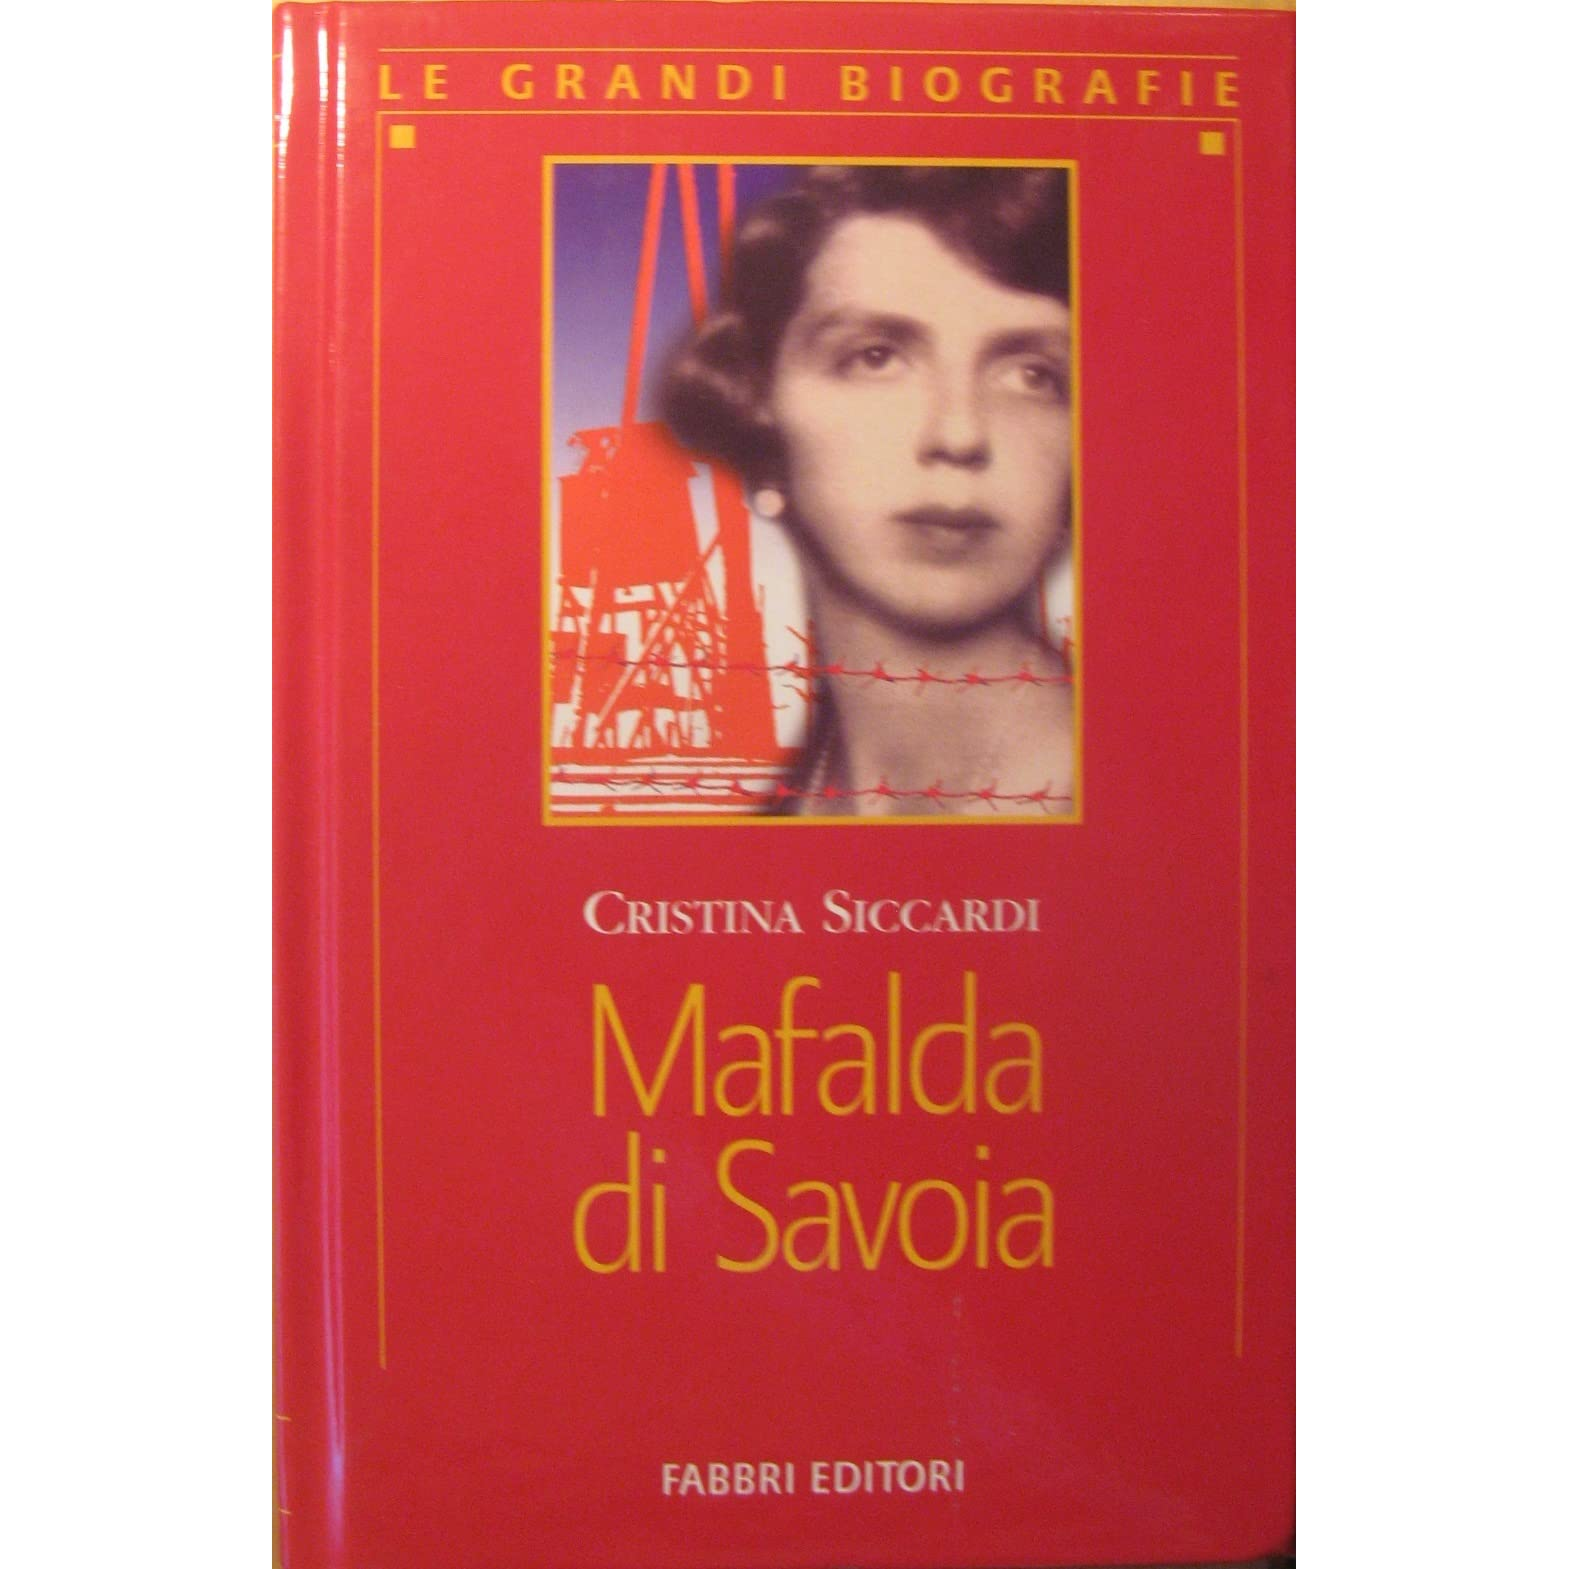 Mafalda di Savoia by Cristina Siccardi